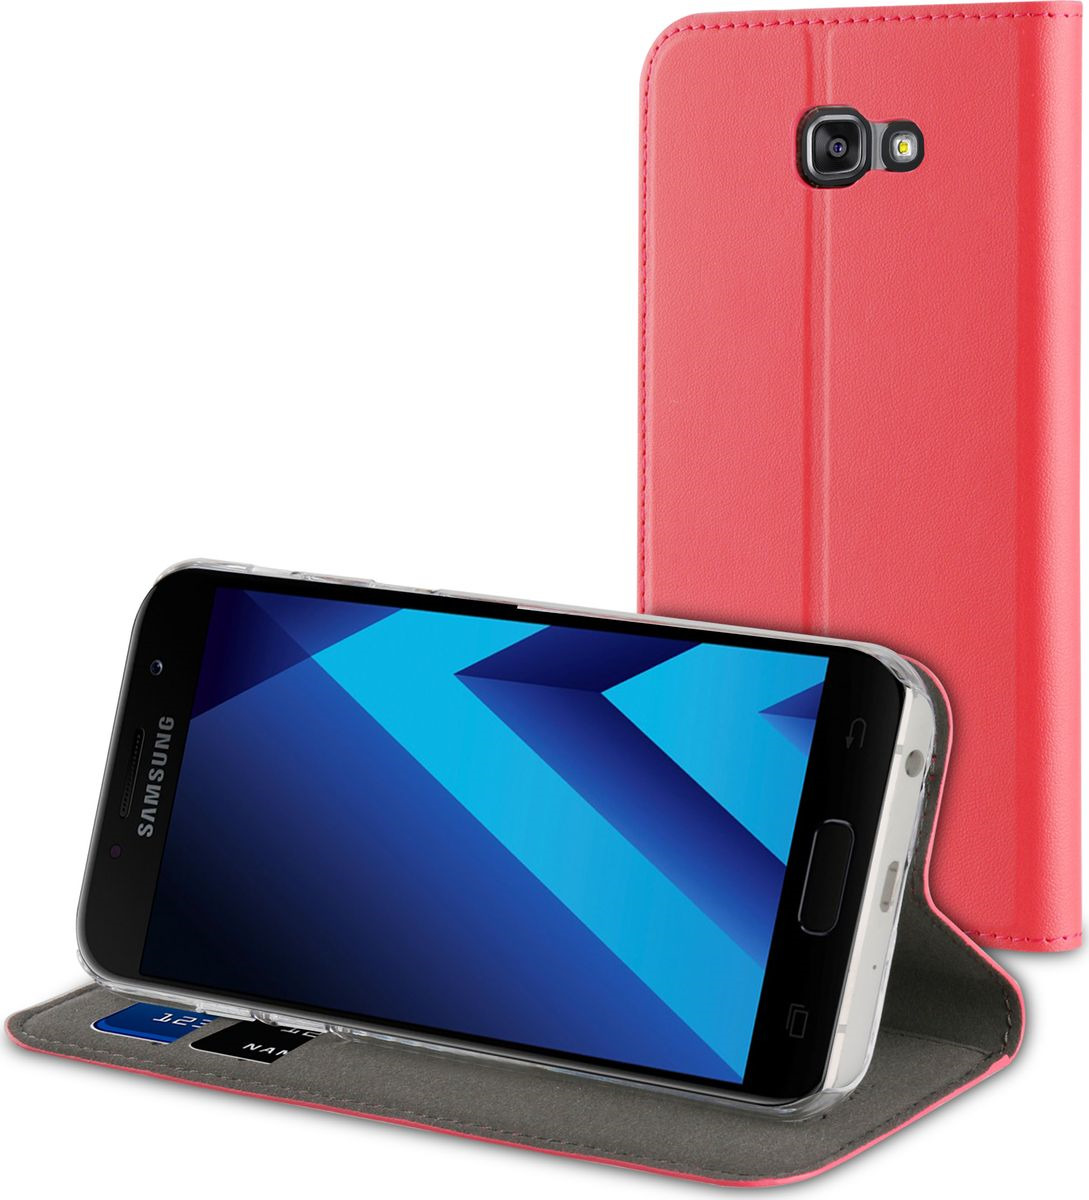 Чехол для сотового телефона Muvit Folio Stand Case для Samsung Galaxy A5 (2017), MUFLS0086, розовый чехол для сотового телефона muvit clear back crystal case для samsung galaxy note 4 mucry0036 прозрачный